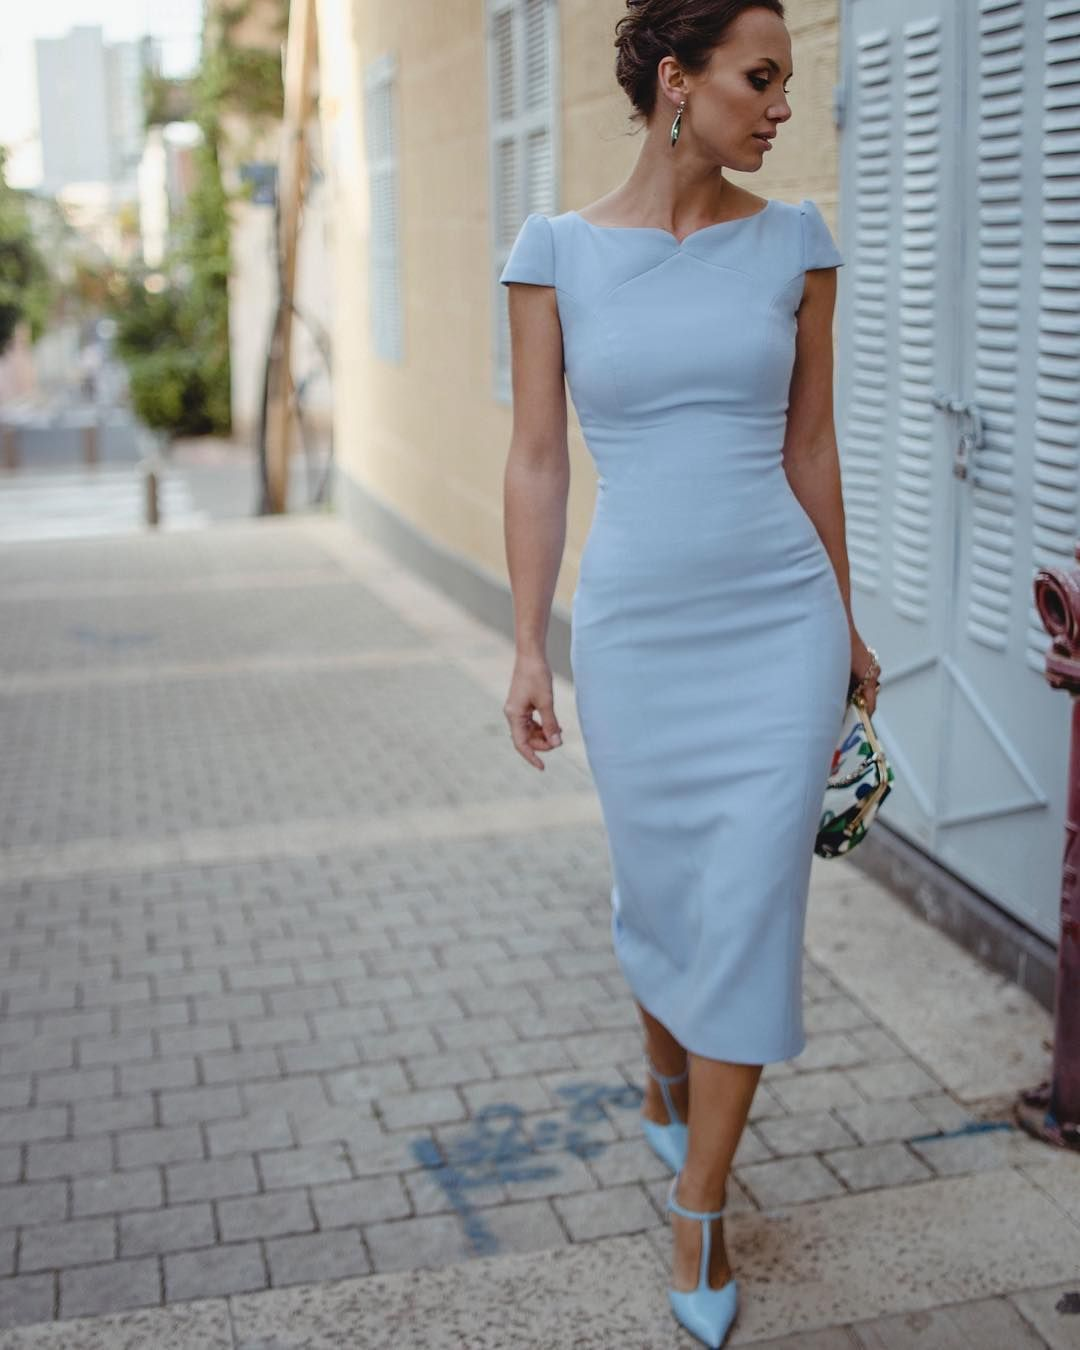 Строгое платье на работу для девушек стильное как поддержать девушку когда она устала на работе